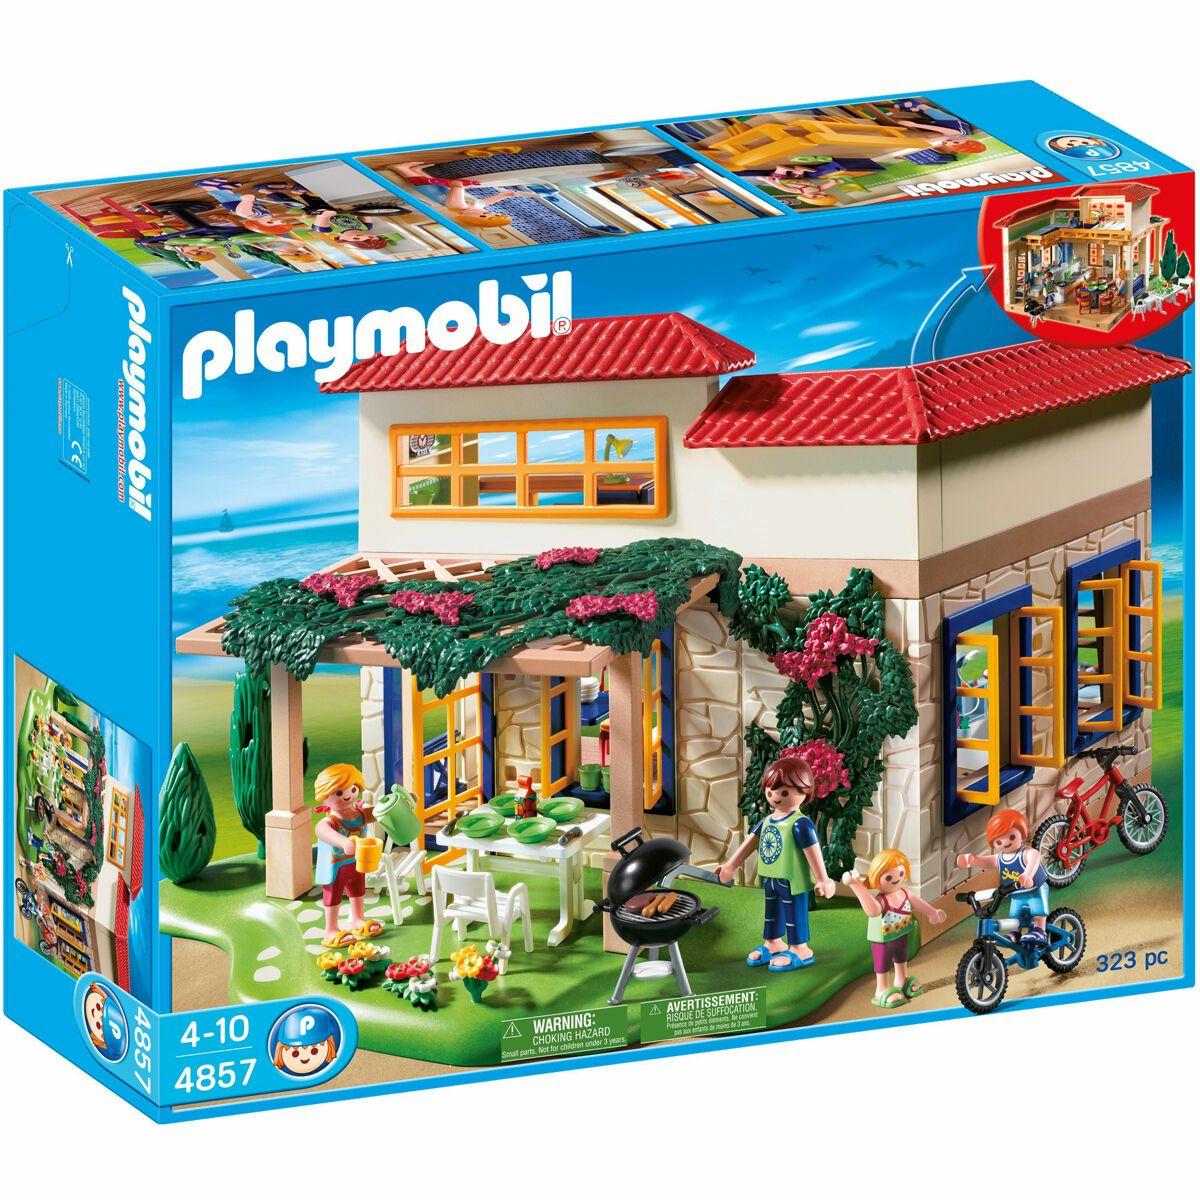 PLAYMOBIL Family Fun - Ferientraumhaus 4857 für 29,99€ (ohne Kundenkarte 35,94€) @Galeria